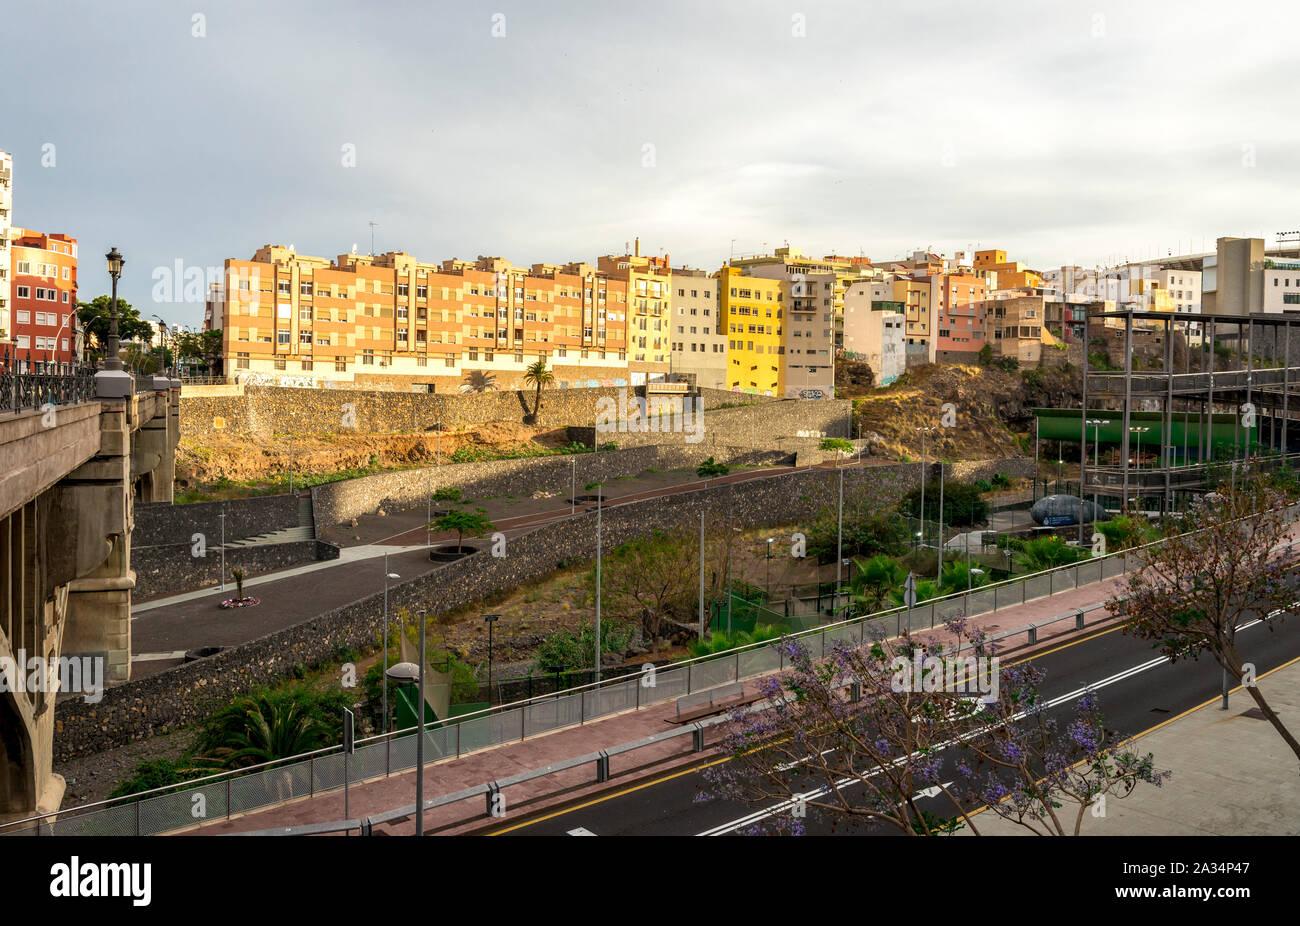 Una vista desde el puente que cruza el Barranco de Santos de la división del centro de la ciudad de Santa Cruz de Tenerife, Islas Canarias, España Foto de stock